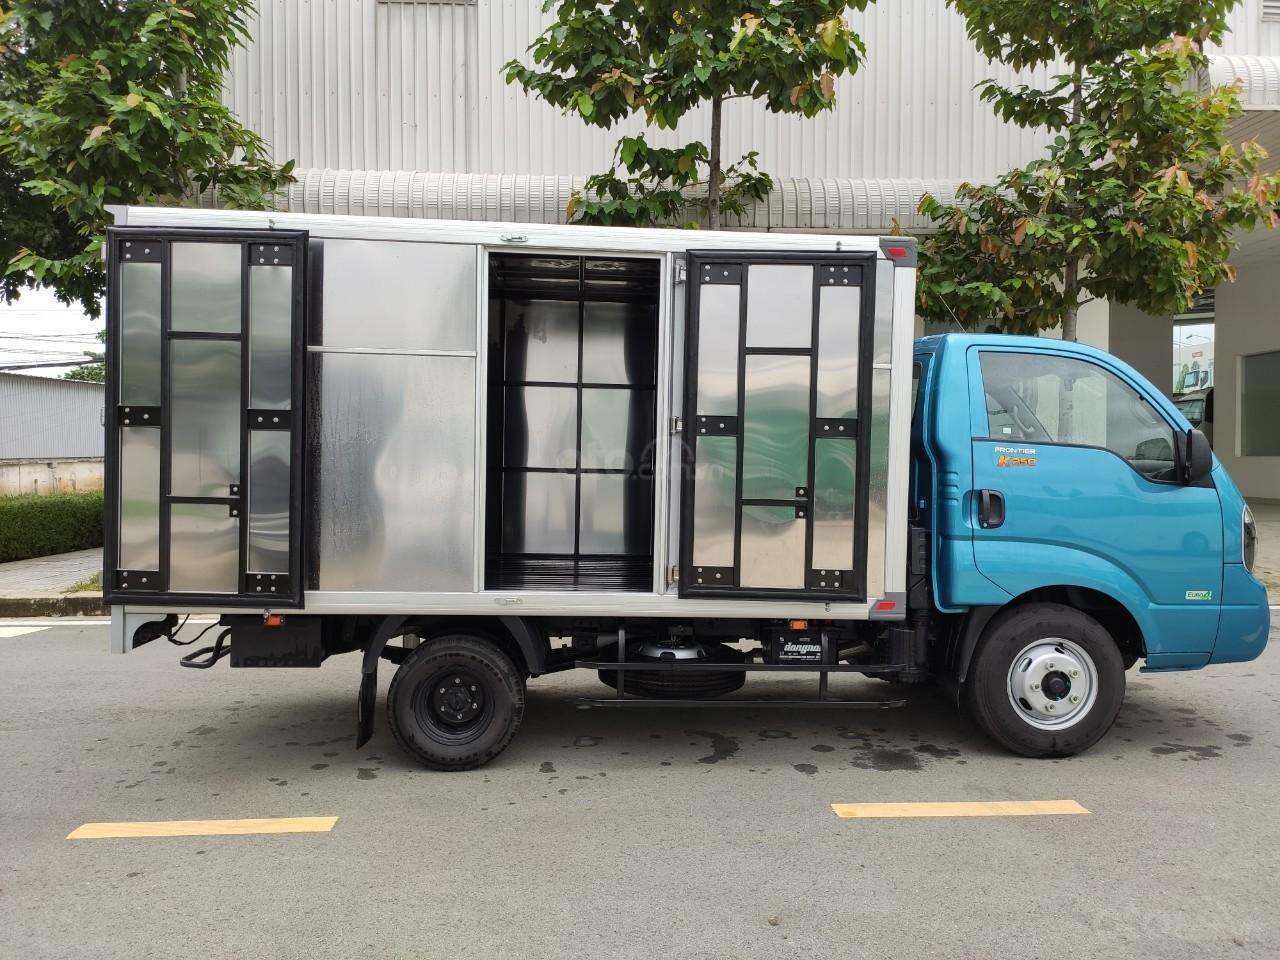 Xe tải Kia Tp Hcm mới nhất tháng 1/2021 (5)